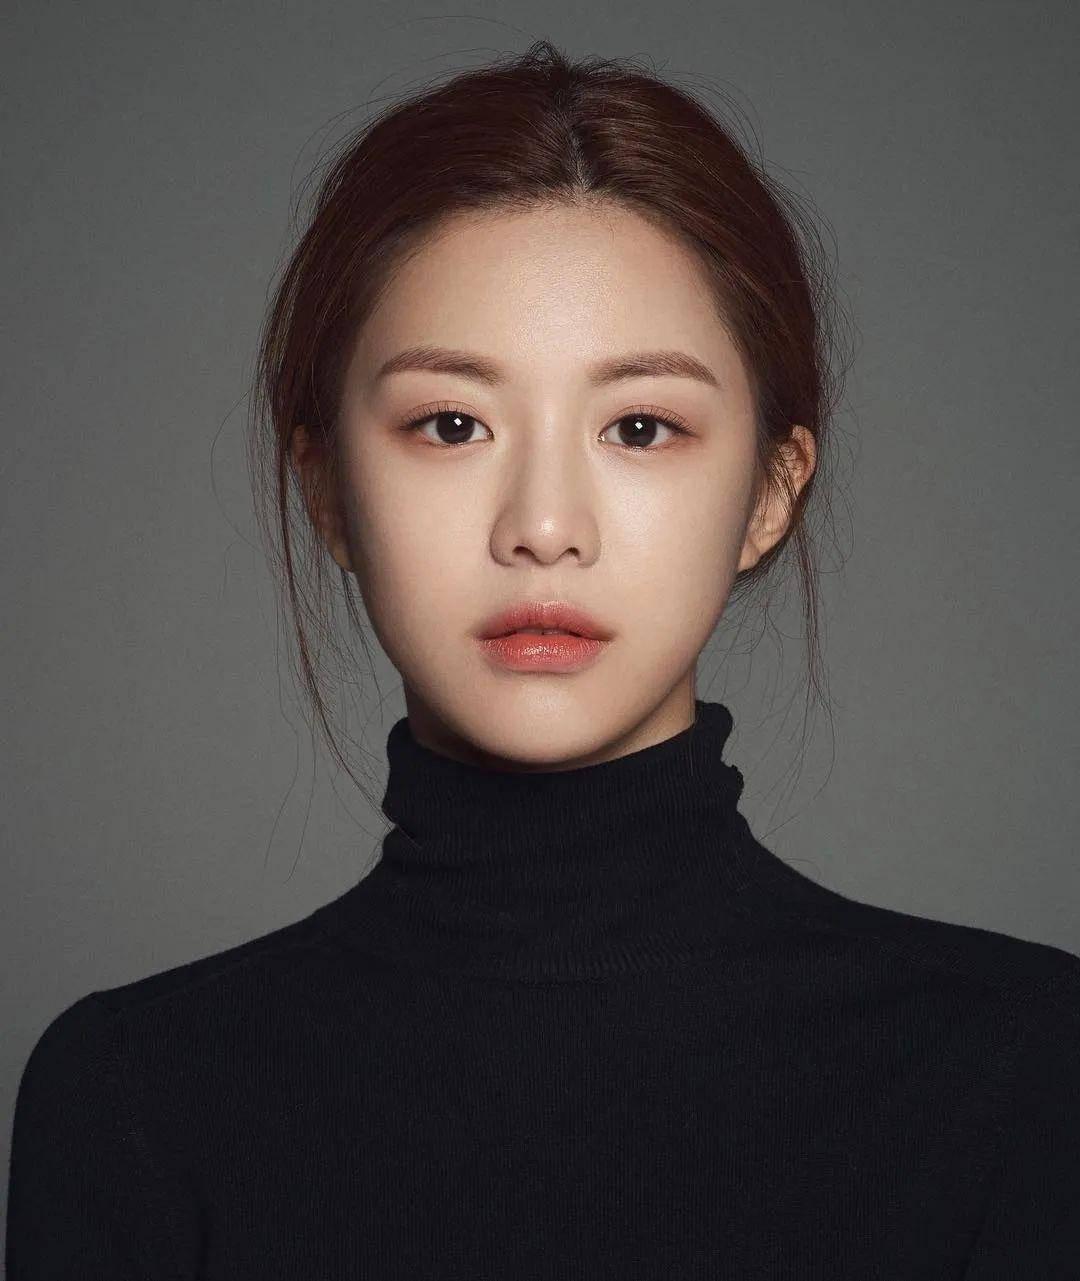 韩国最热门的整容模板TOP3,被她们斩获了!